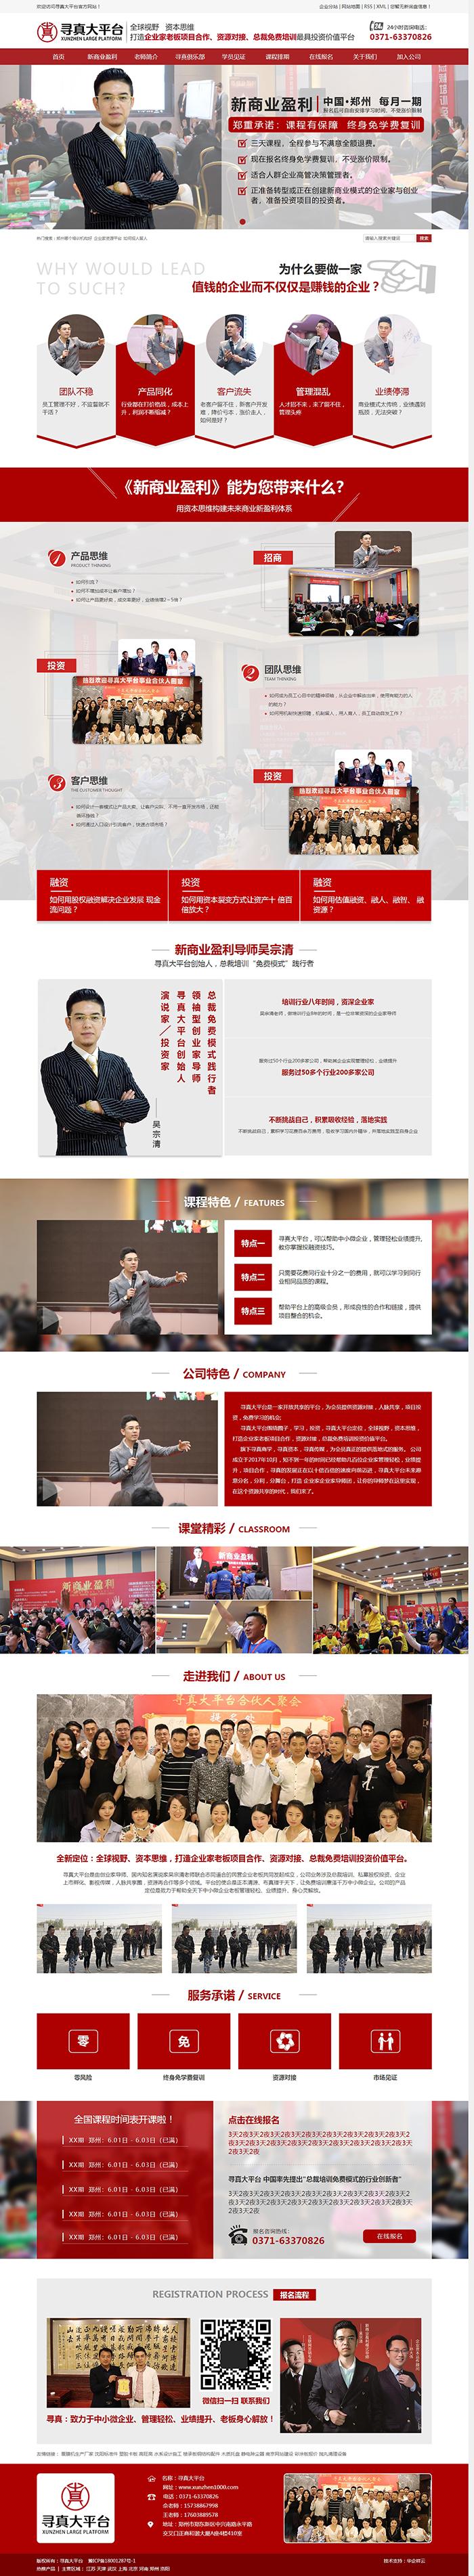 河南寻真企业管理咨询有限公司.jpg